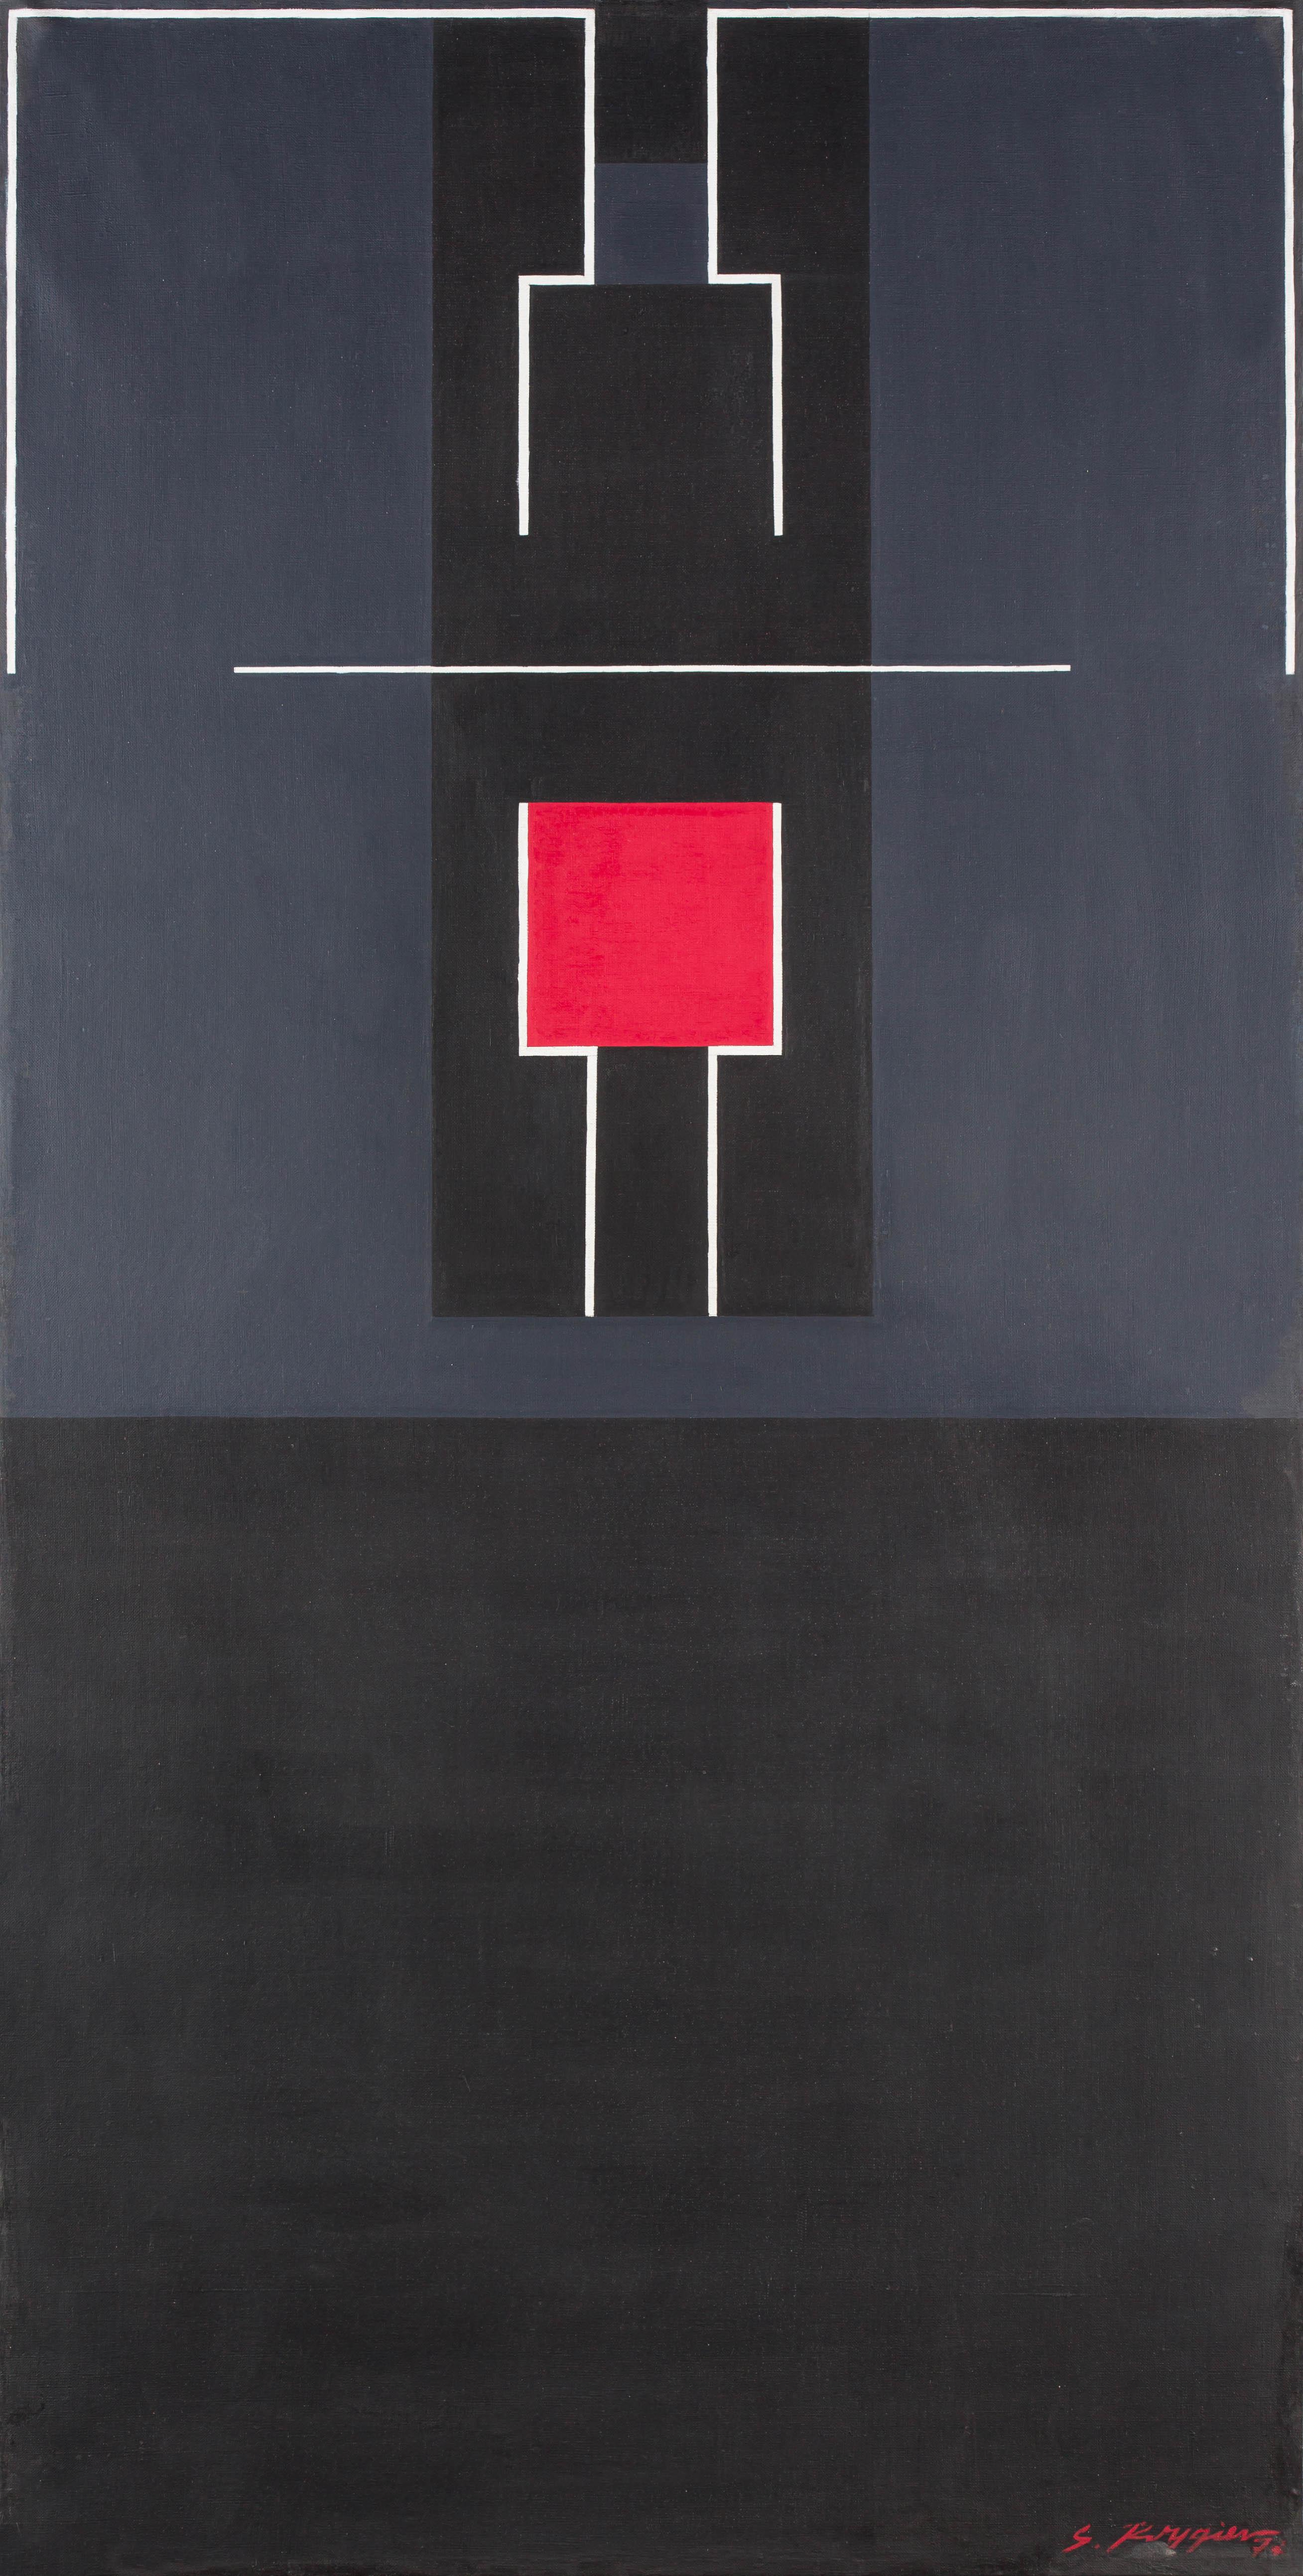 Konstruowanie przestrzeni II, 1977